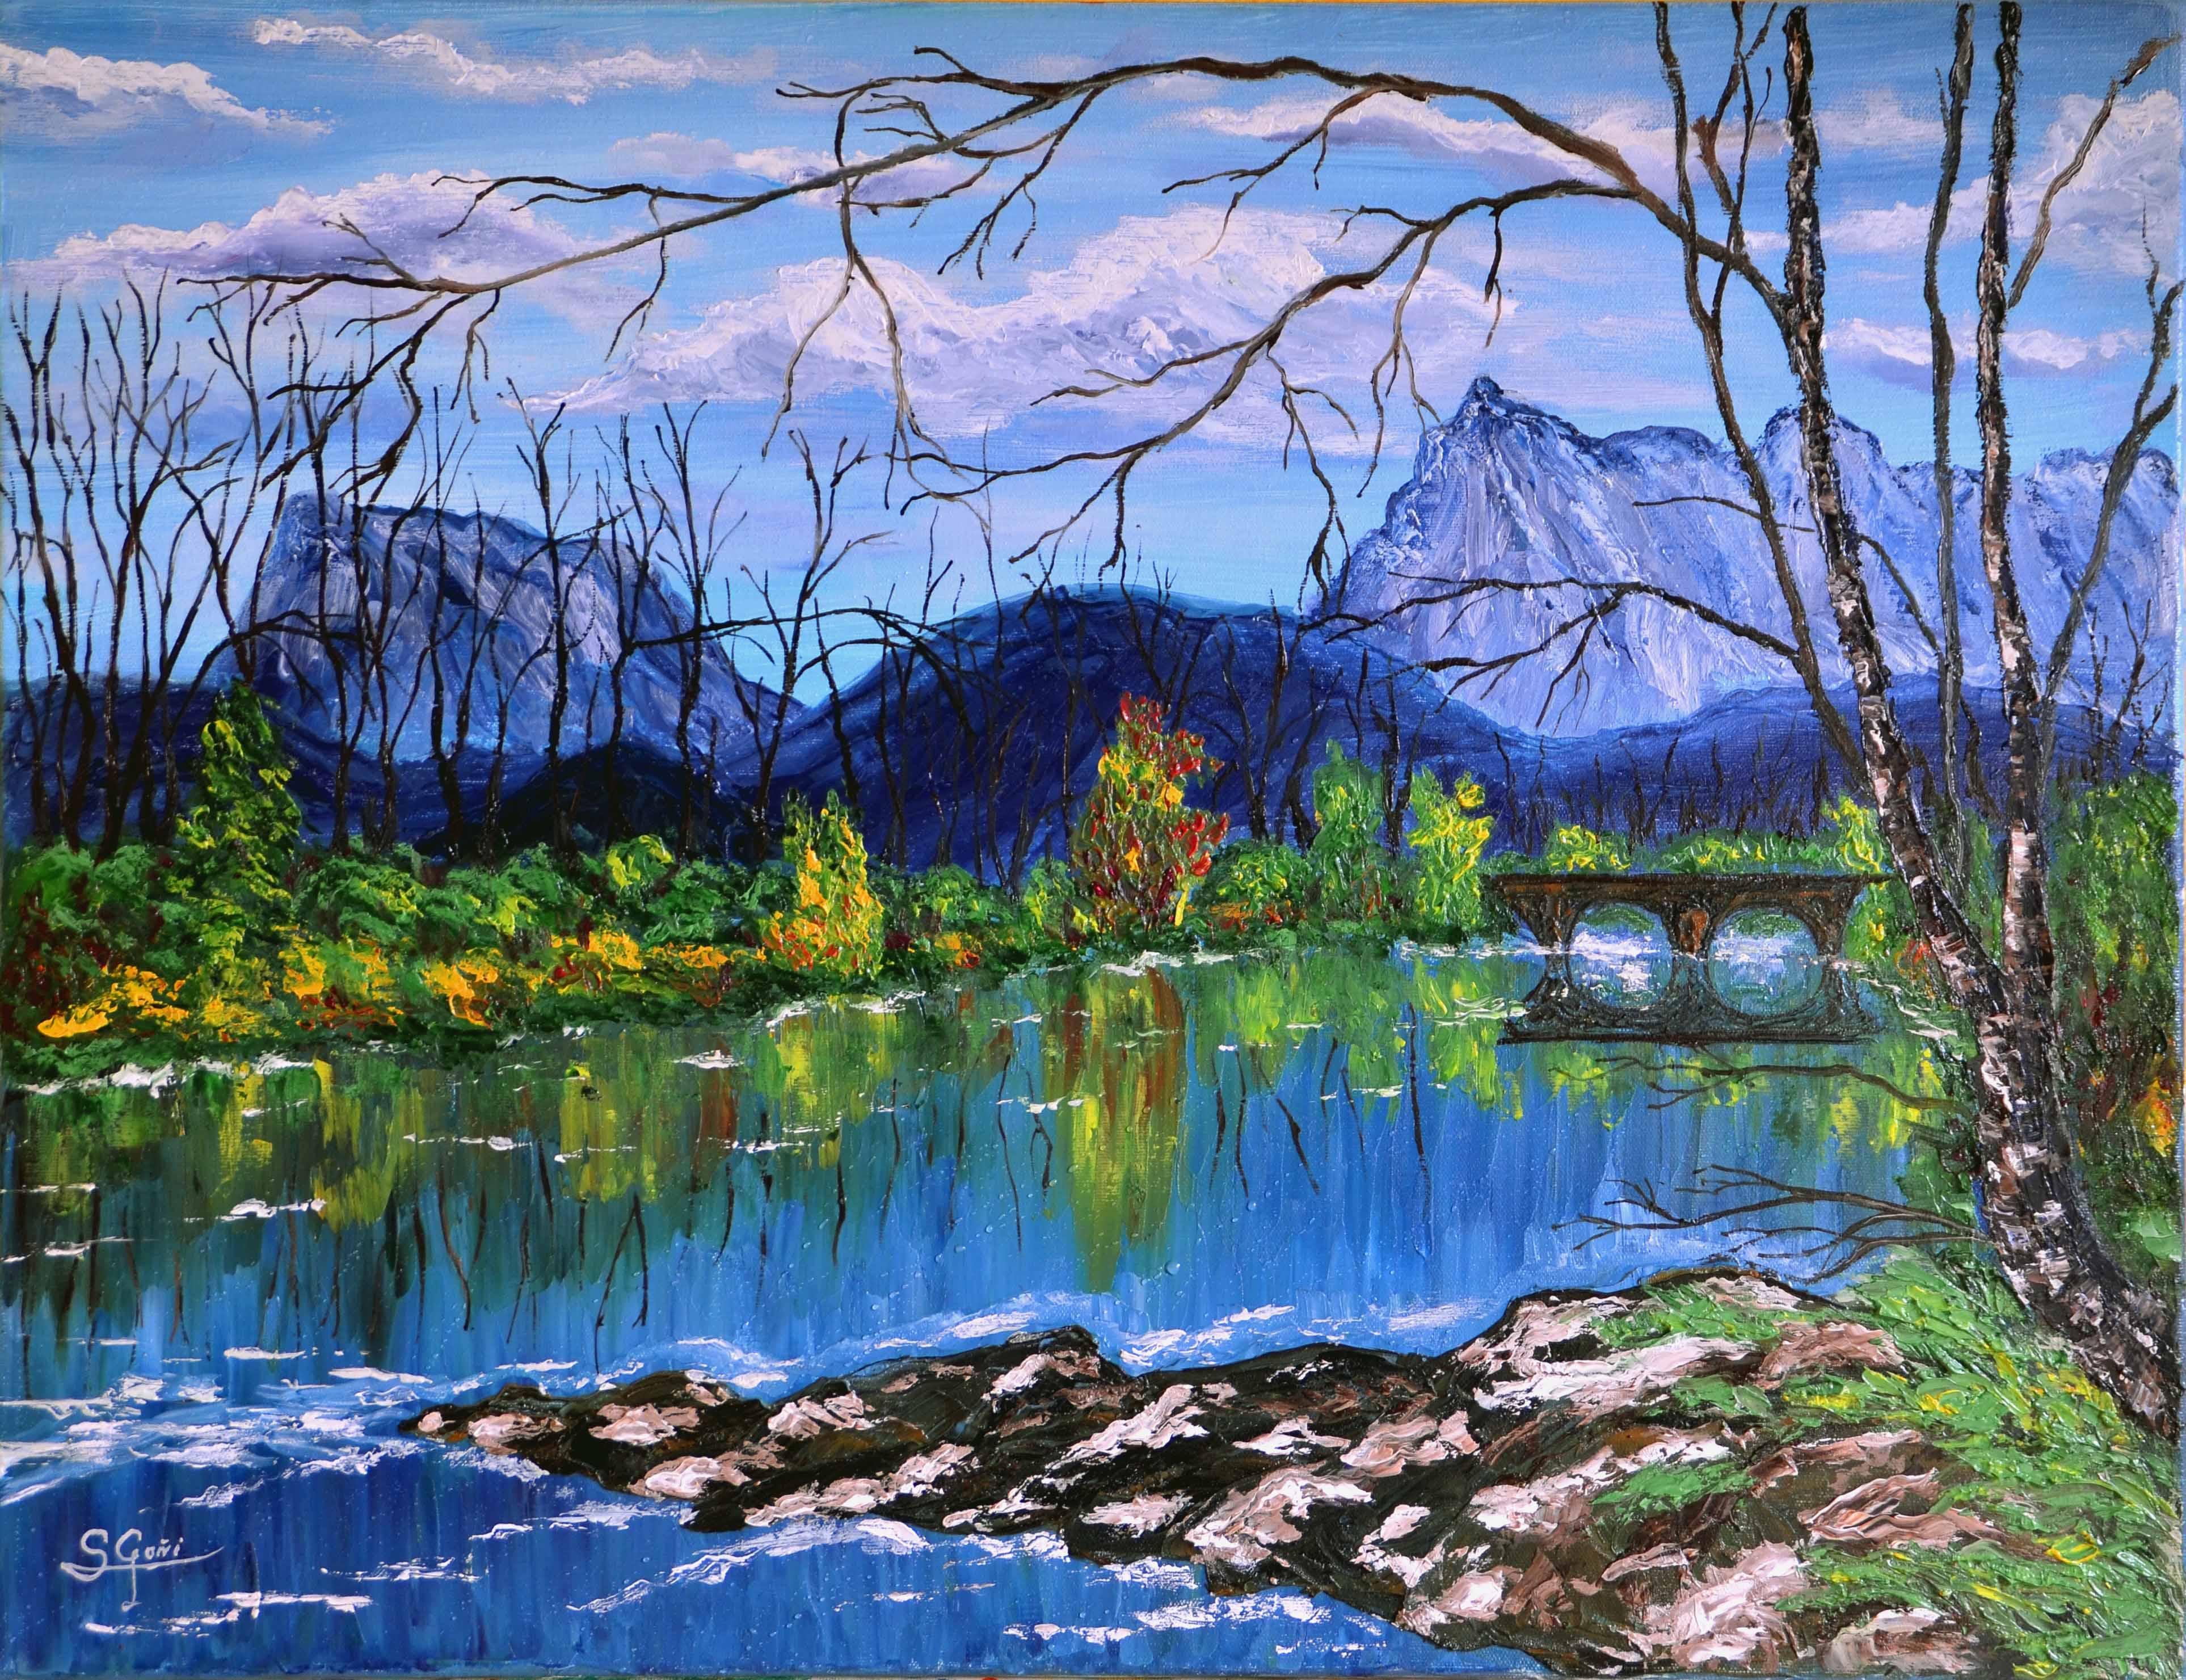 Rio Ason en Ramales de la Victoria